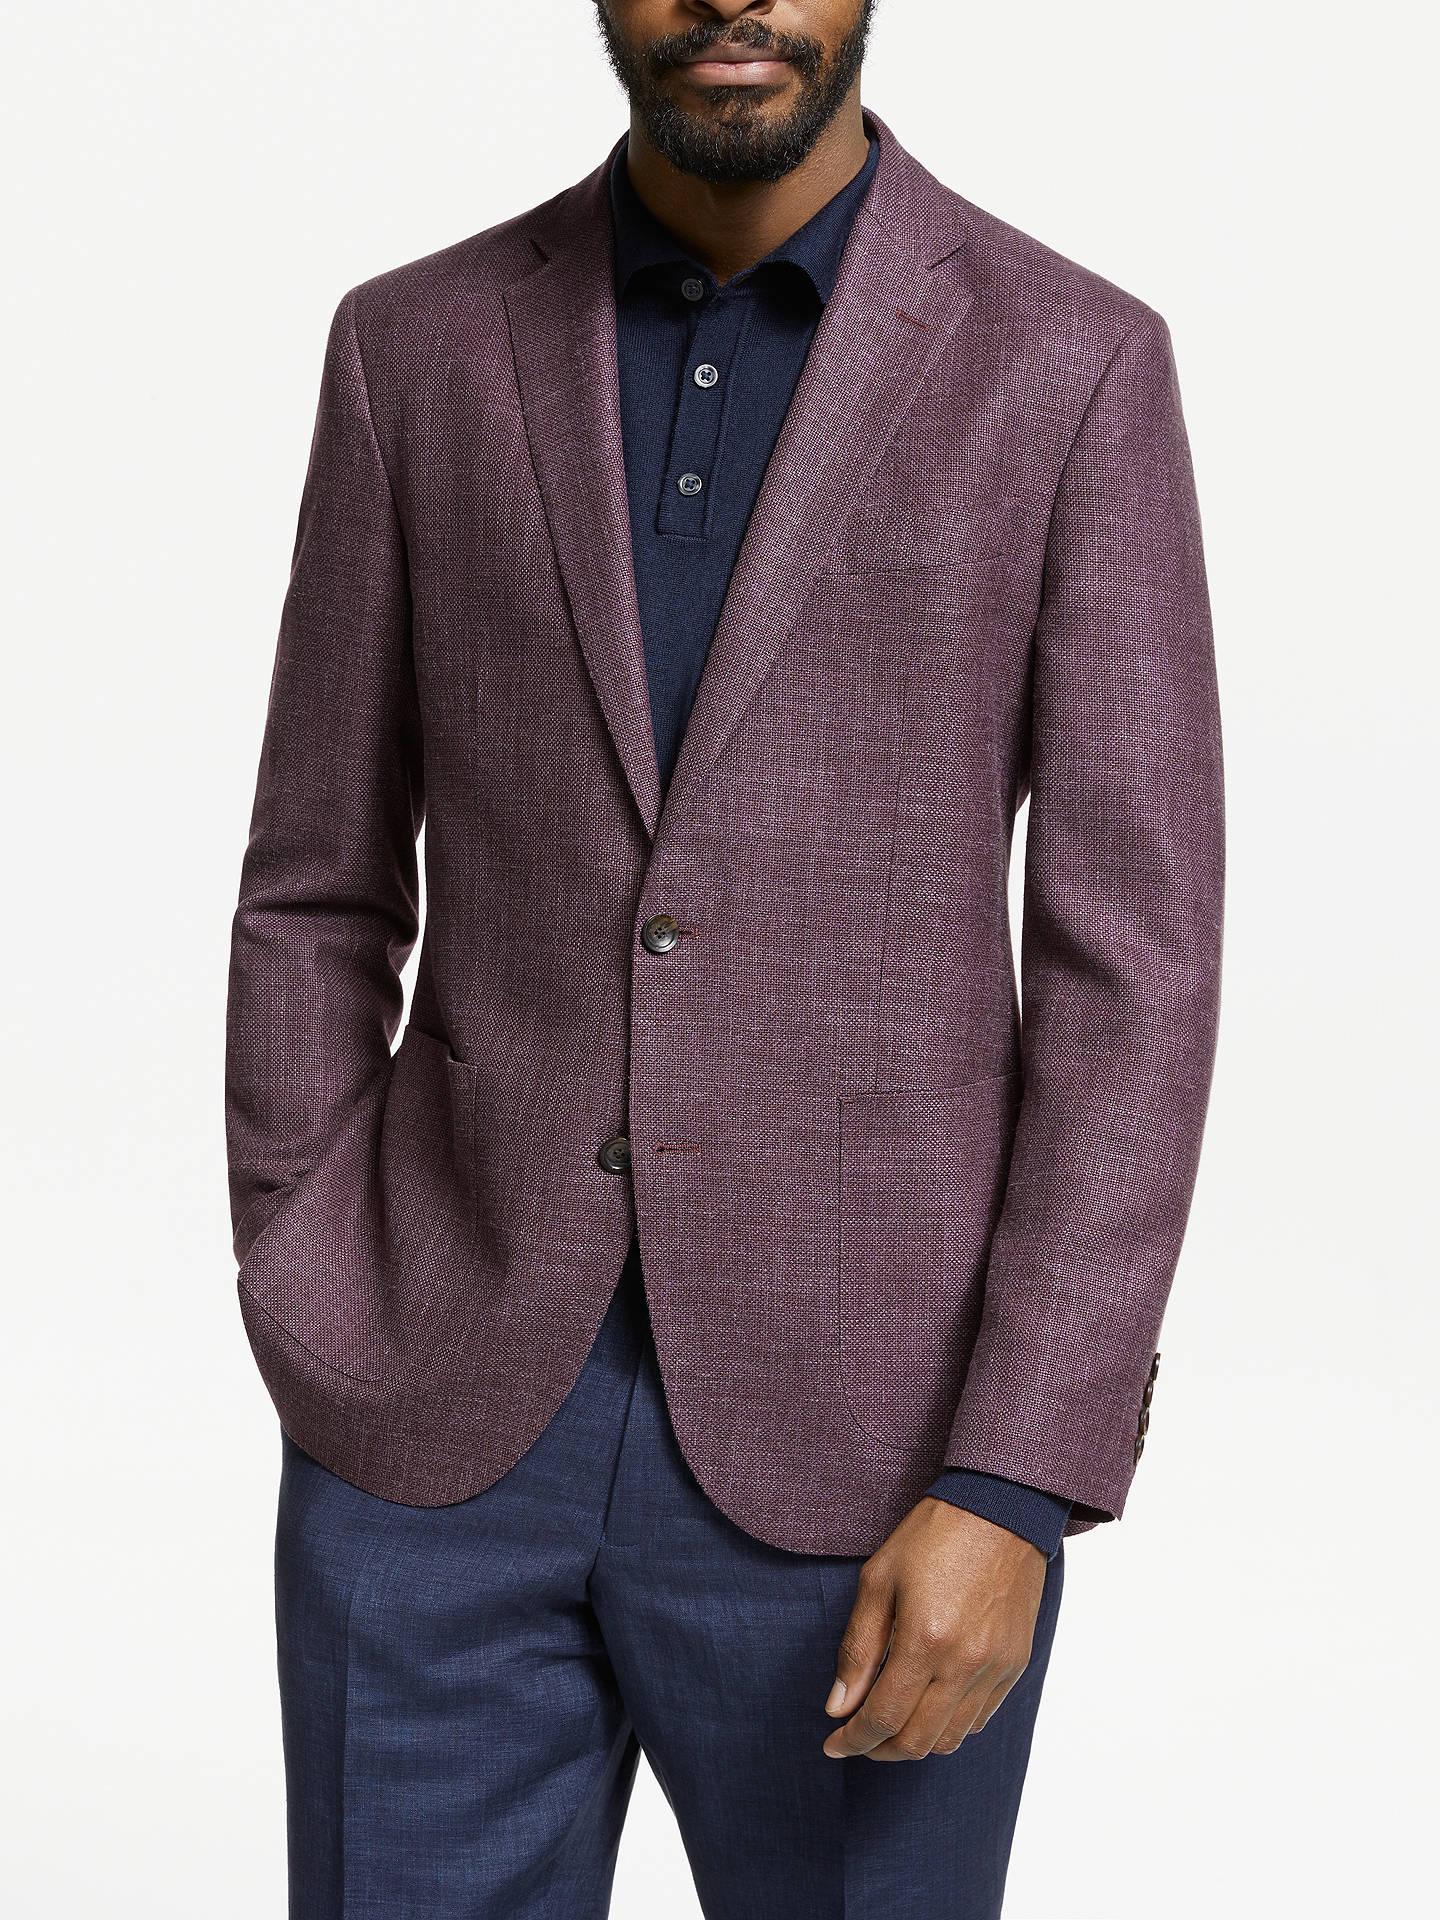 c3c75a35 John Lewis & Partners Zegna Wool Silk Linen Tailored Blazer ...